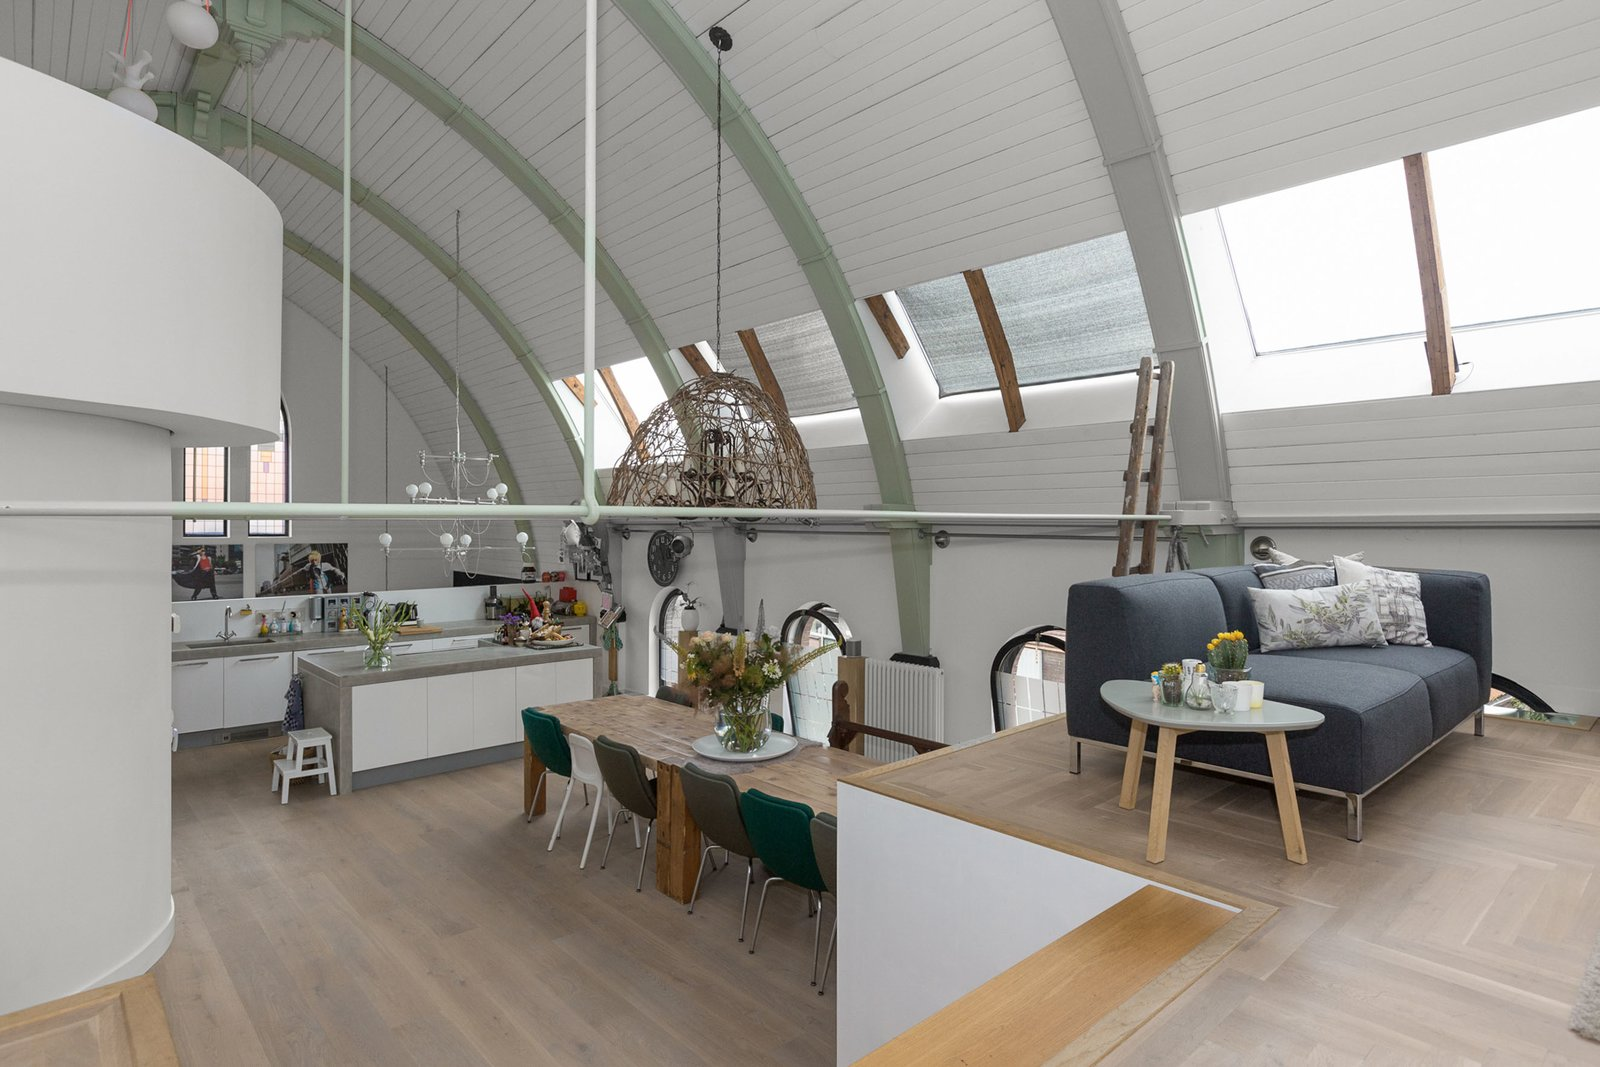 La superficie dell'immobile è di 290 m2 / Sotheby's